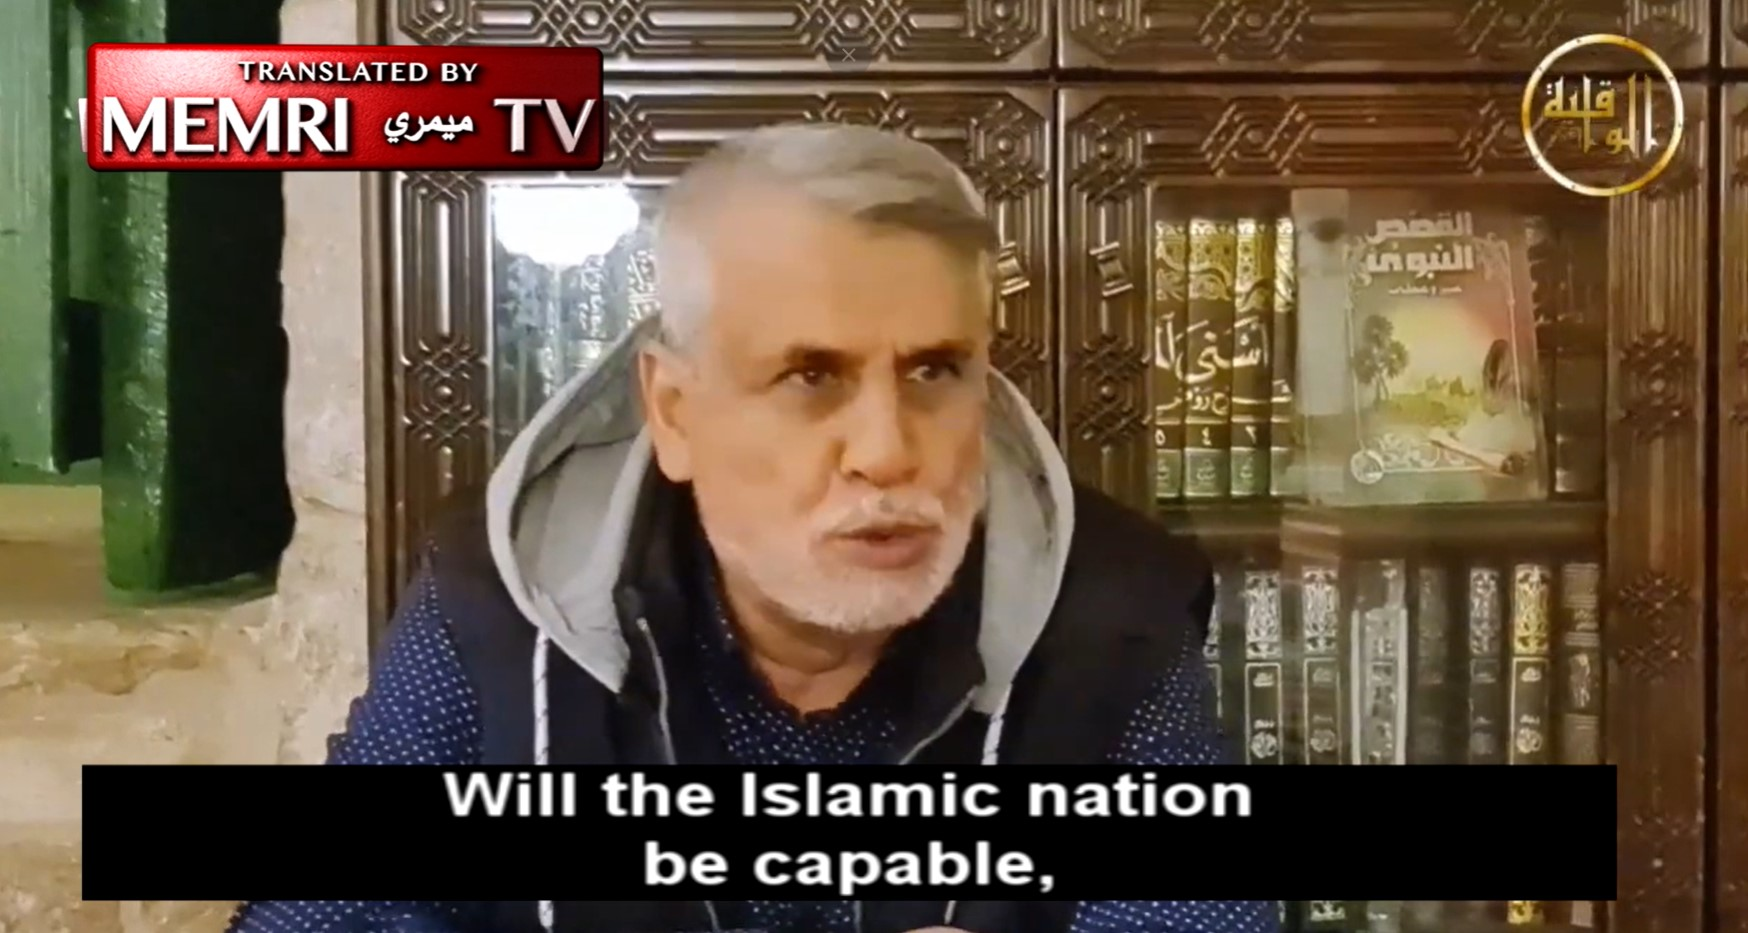 Al-Aqsa-Vorlesung: Islamischer Staat wird Rom erobern und Christentum auslöschen [Video]